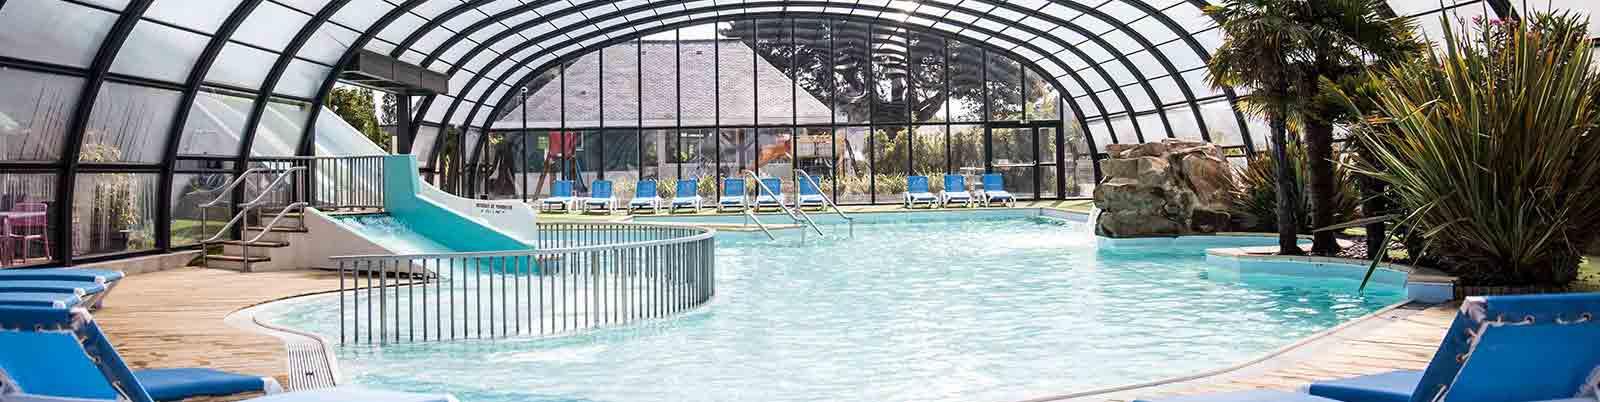 toboggans parc aquatique